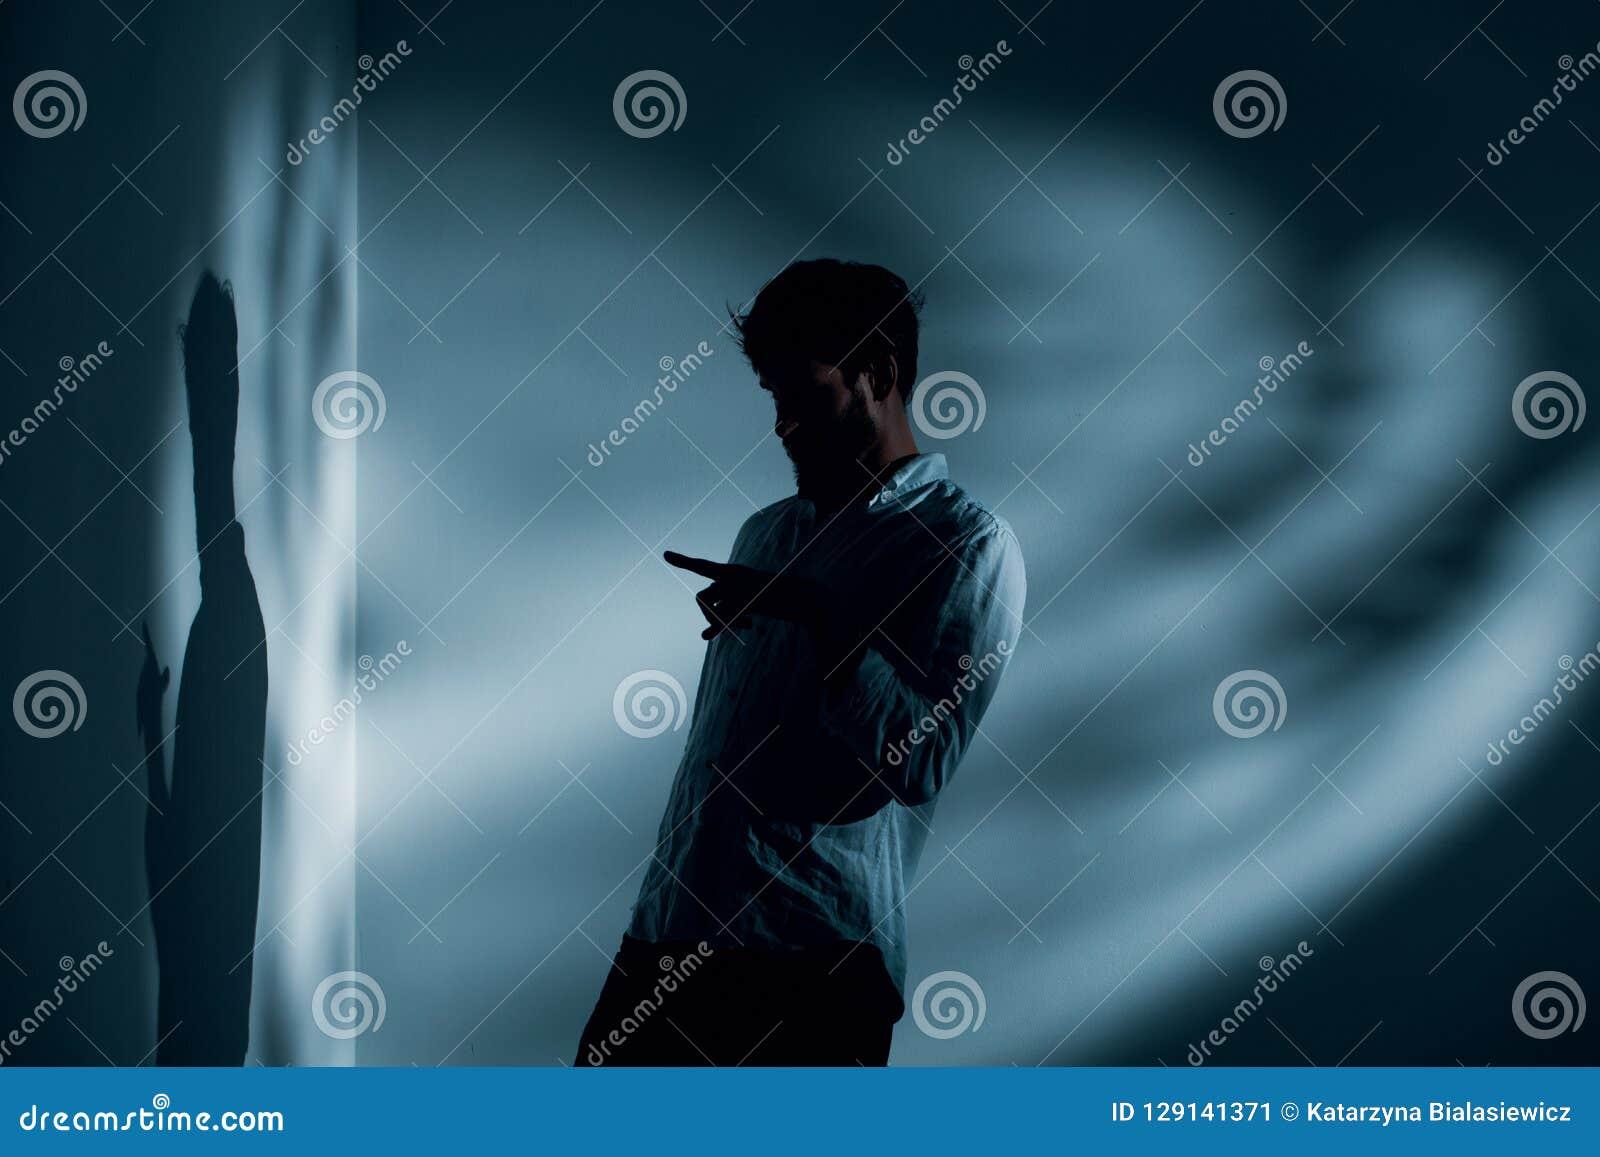 Άτομο με τη σχιζοφρένια που στέκεται μόνο στη σκοτεινή εσωτερική ομιλία στη σκιά του, φωτογραφία με το διάστημα αντιγράφων